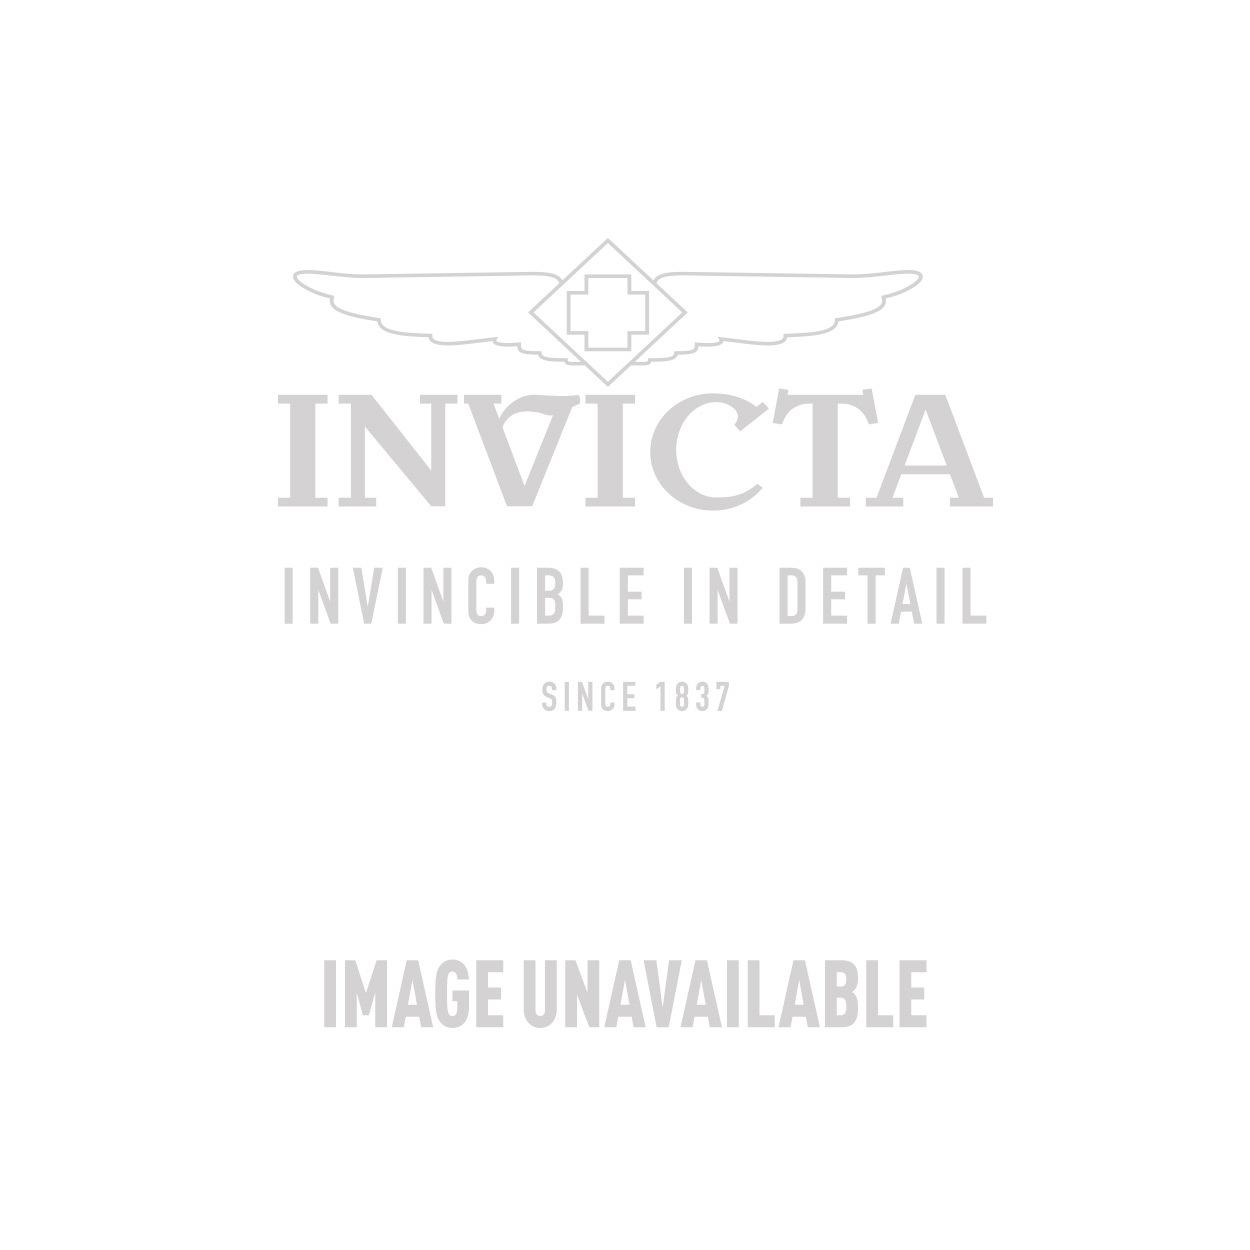 Invicta Model 24823